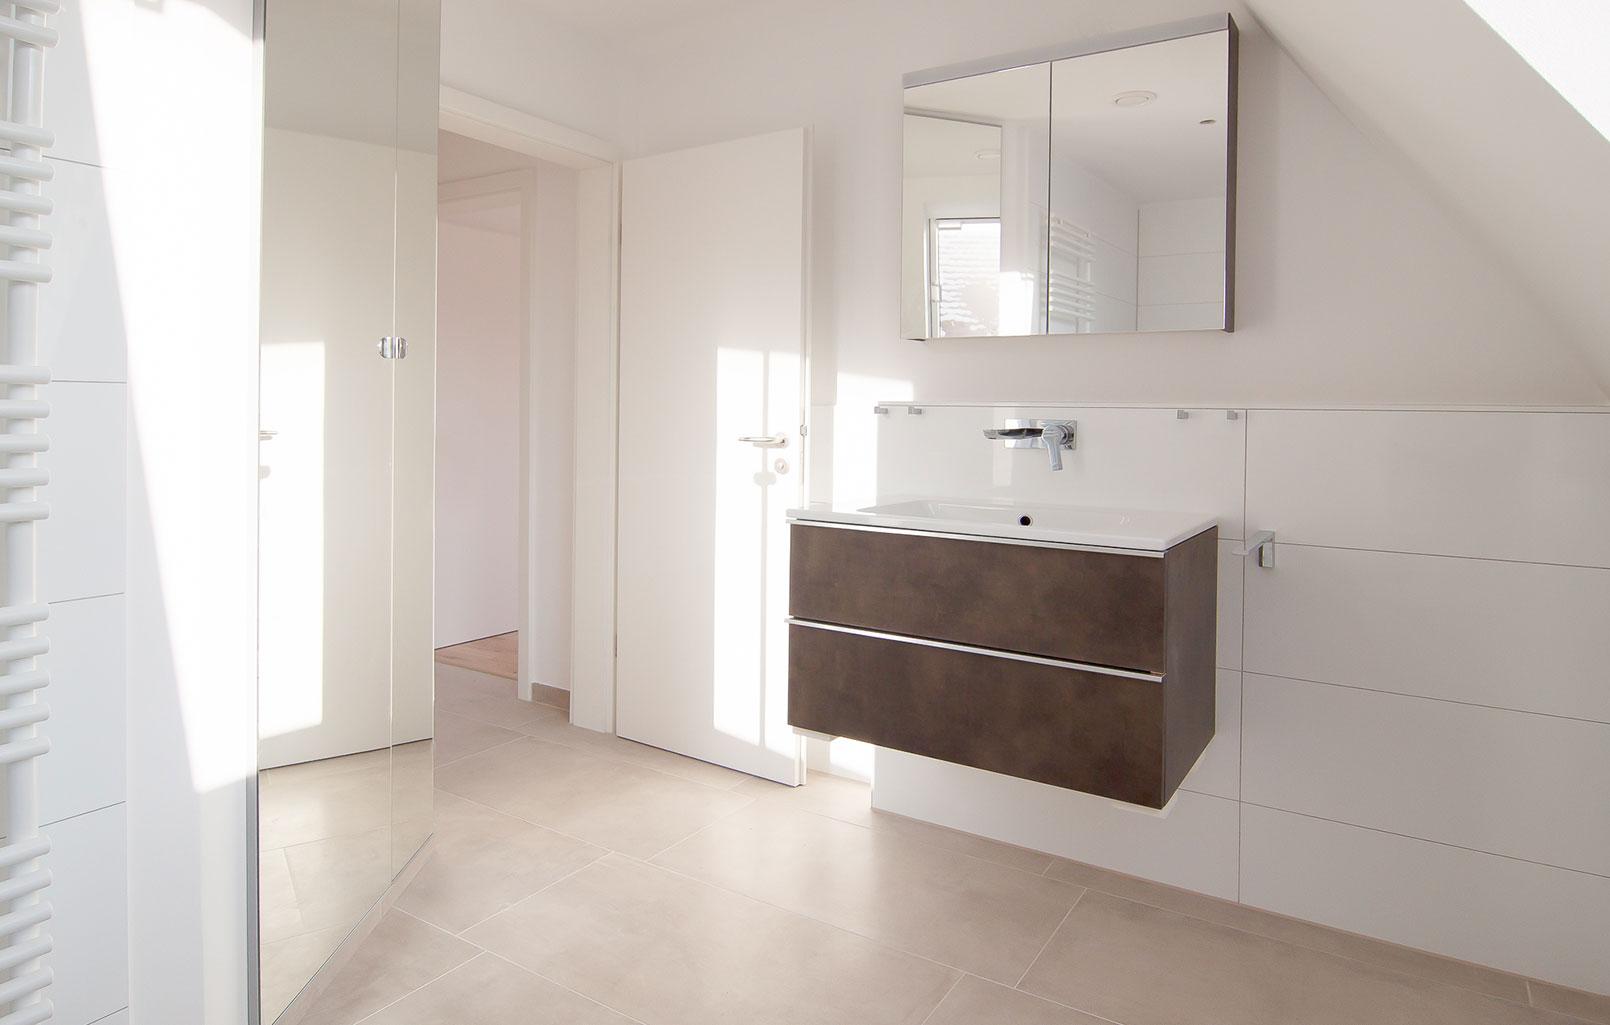 Badezimmer stuttgart affordable gnstige fliesen modern - Badezimmer stuttgart ...